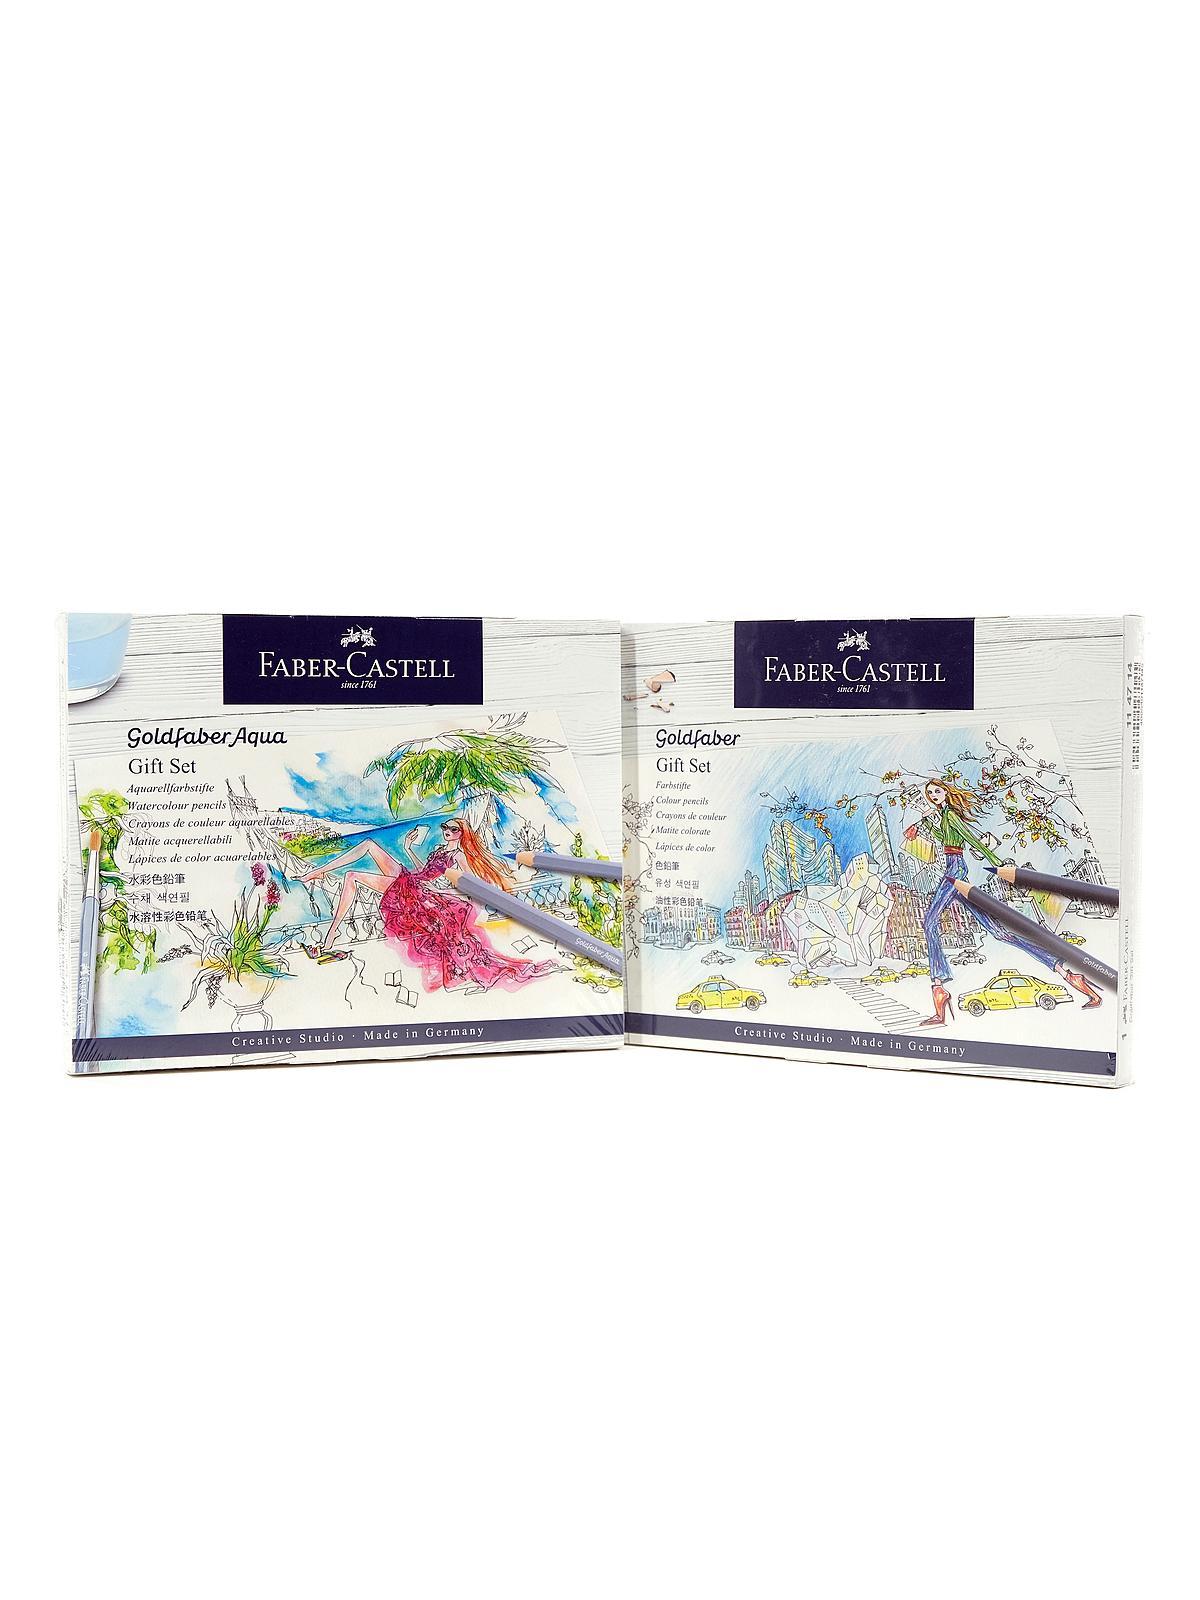 Faber-Castell - Goldfaber Gift Sets